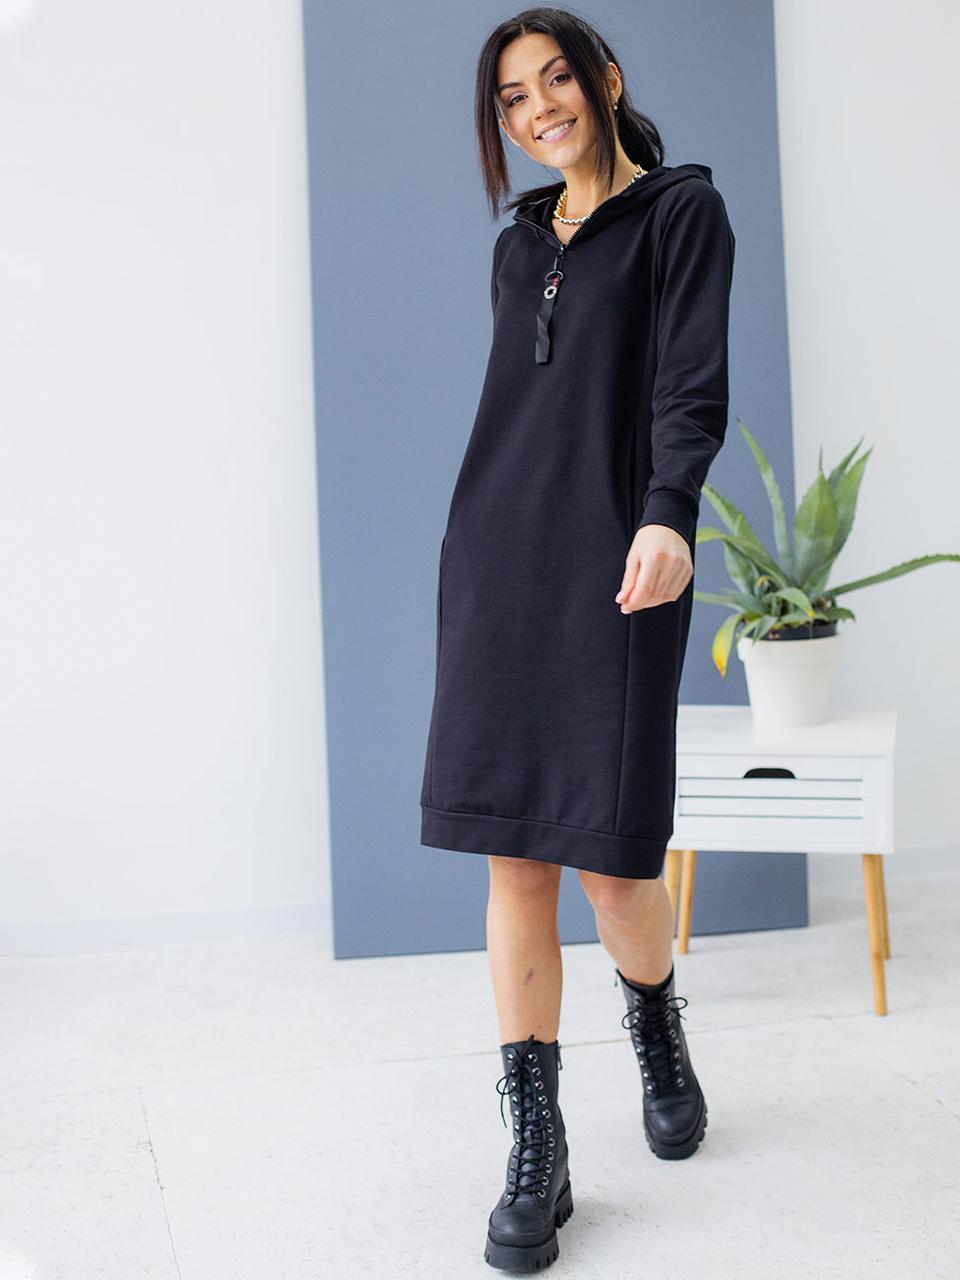 Спортивное платье-худи с капюшоном черного цвета. Модель 3149. Размеры 44-50